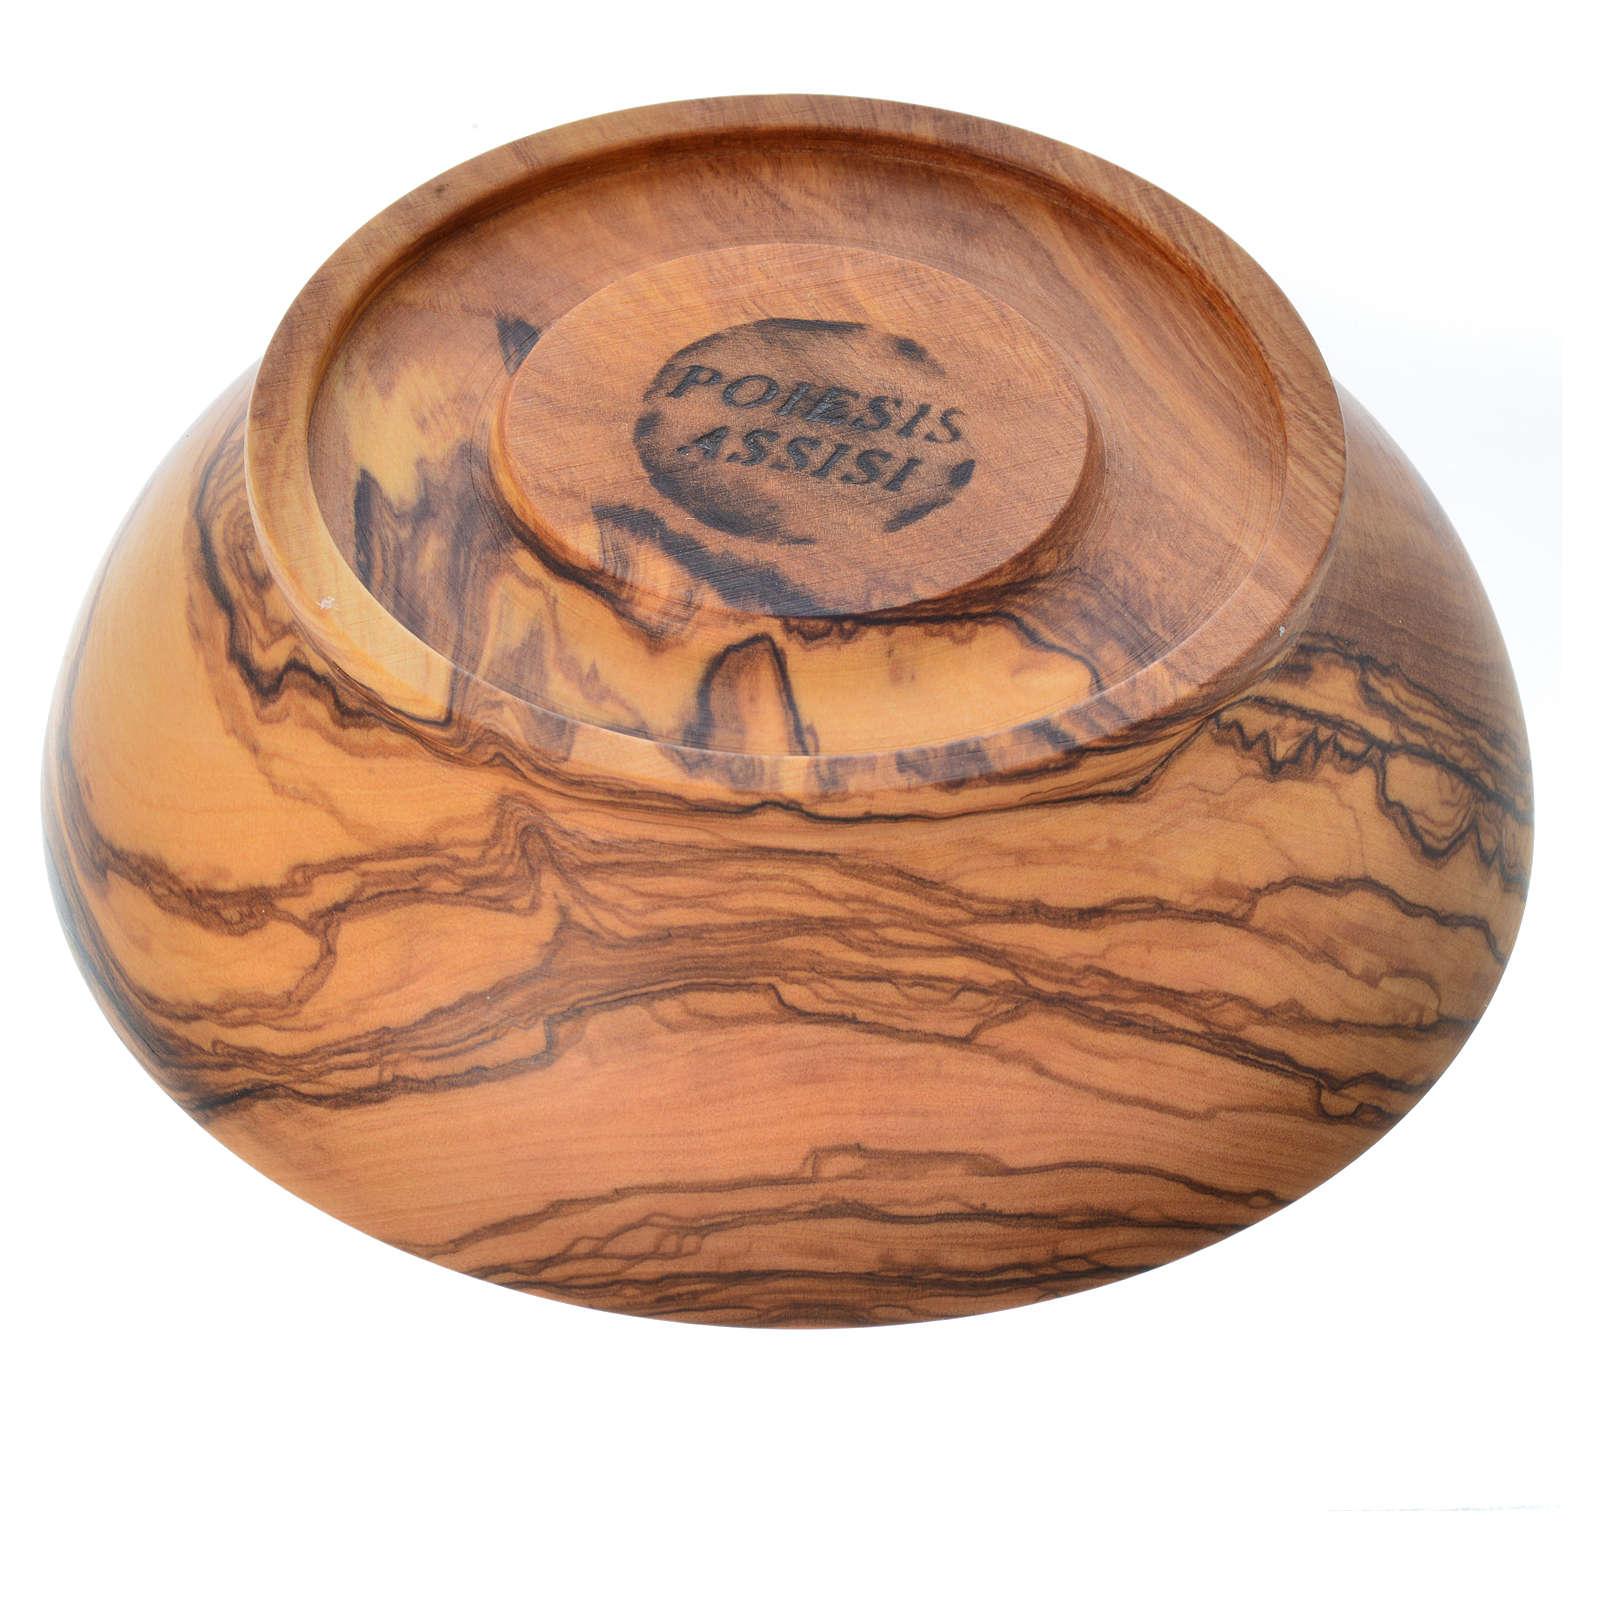 Paten in Assisi seasoned olive wood, 13.5cm diameter 4